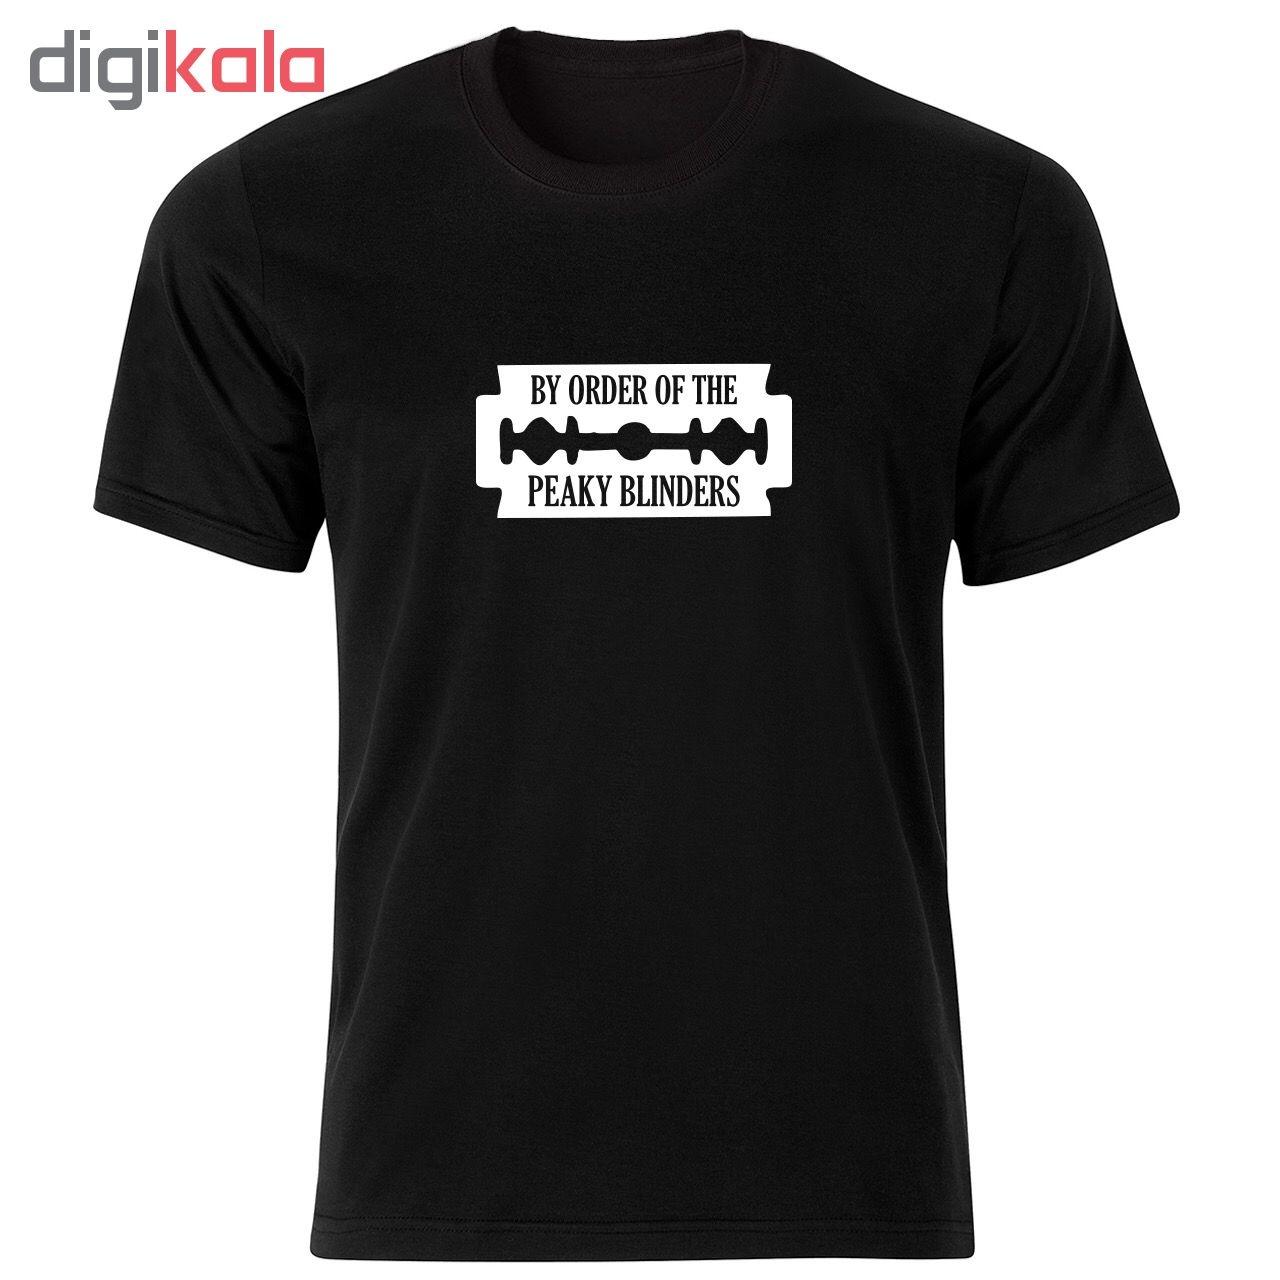 تی شرت آستین کوتاه نه طرح پیکی بلایندرز کد 34334